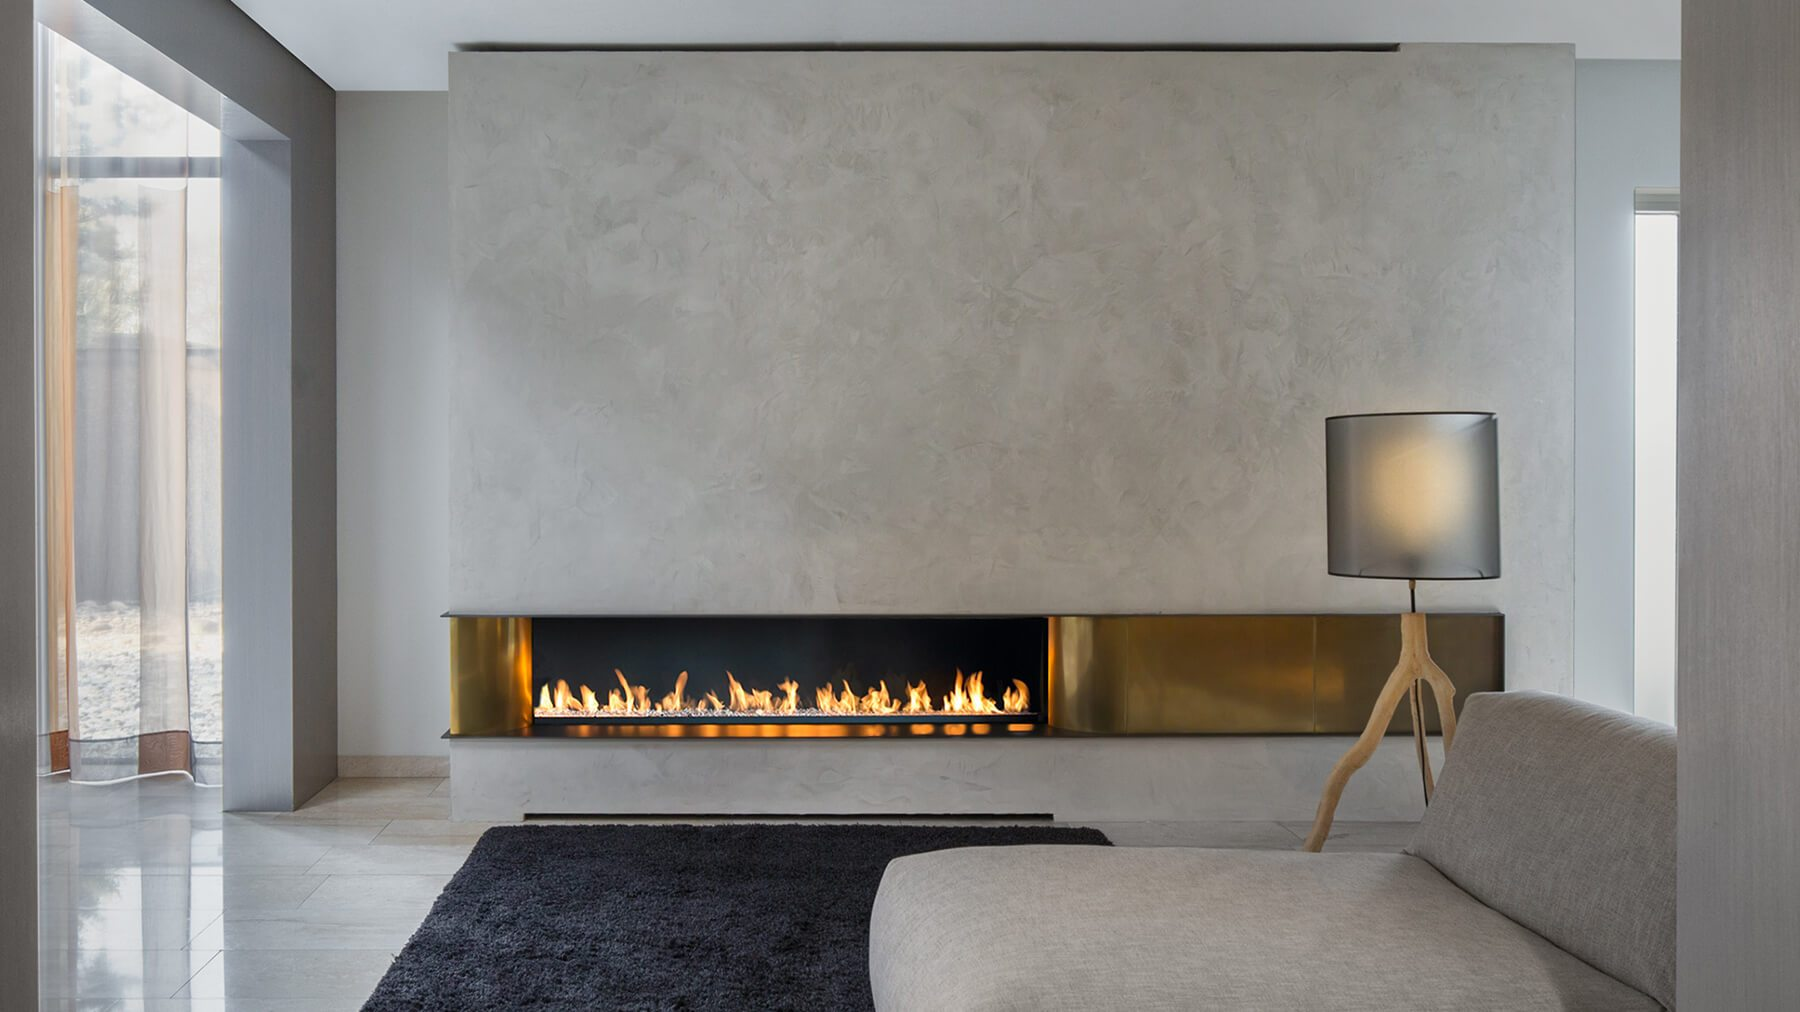 Soggiorni moderni trova l 39 ispirazione per il tuo soggiorno for Soggiorno camino